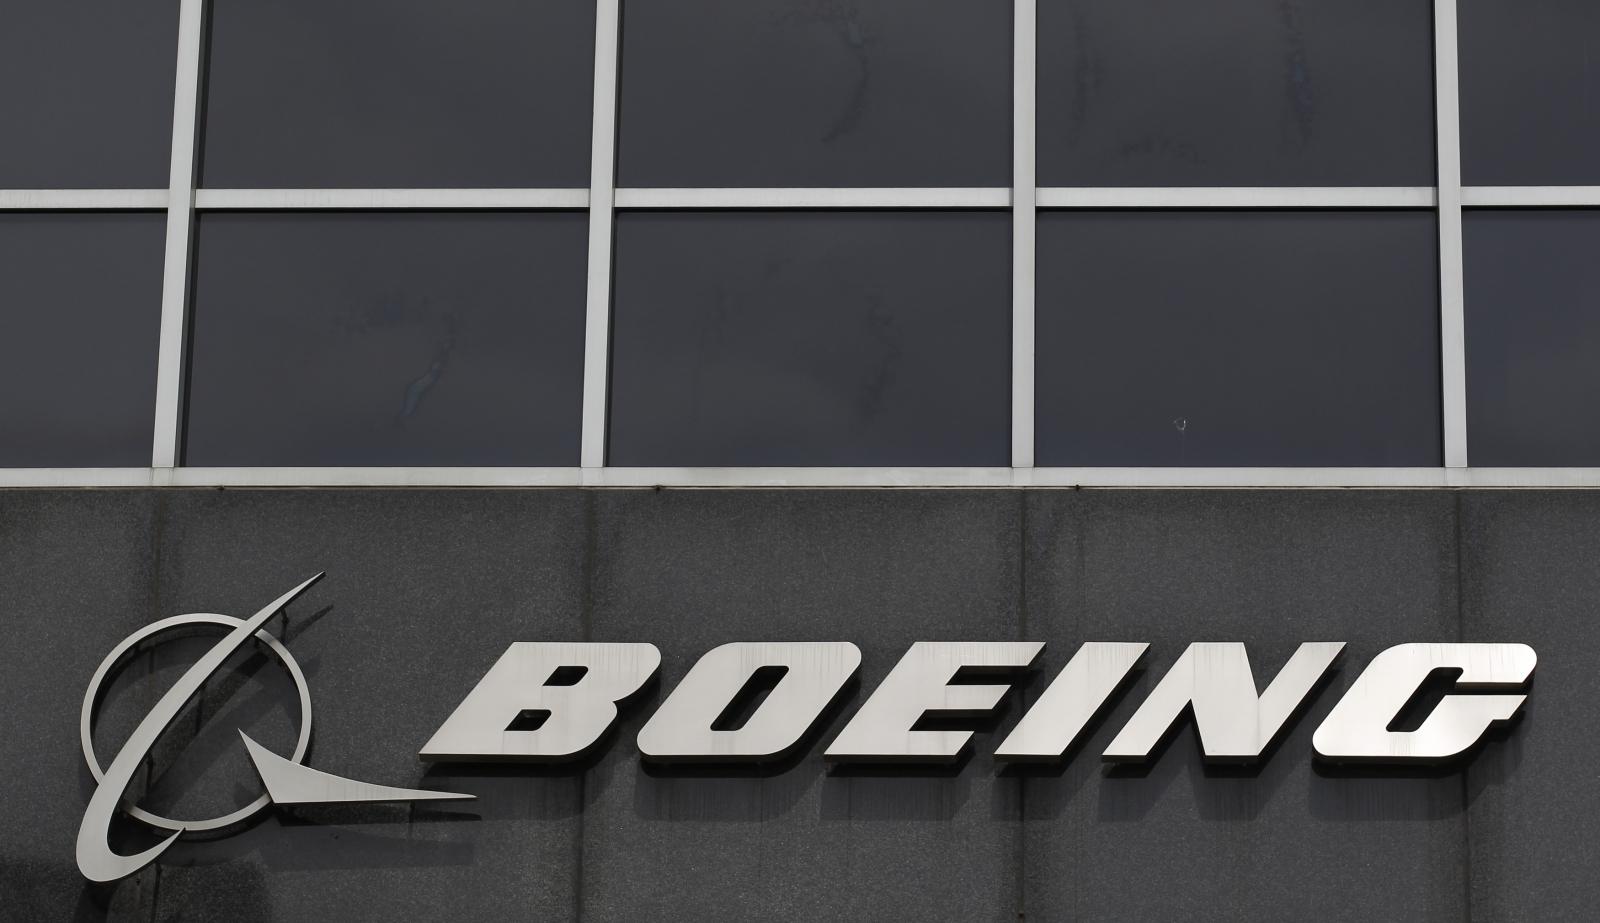 Apple buying Boeing satellite